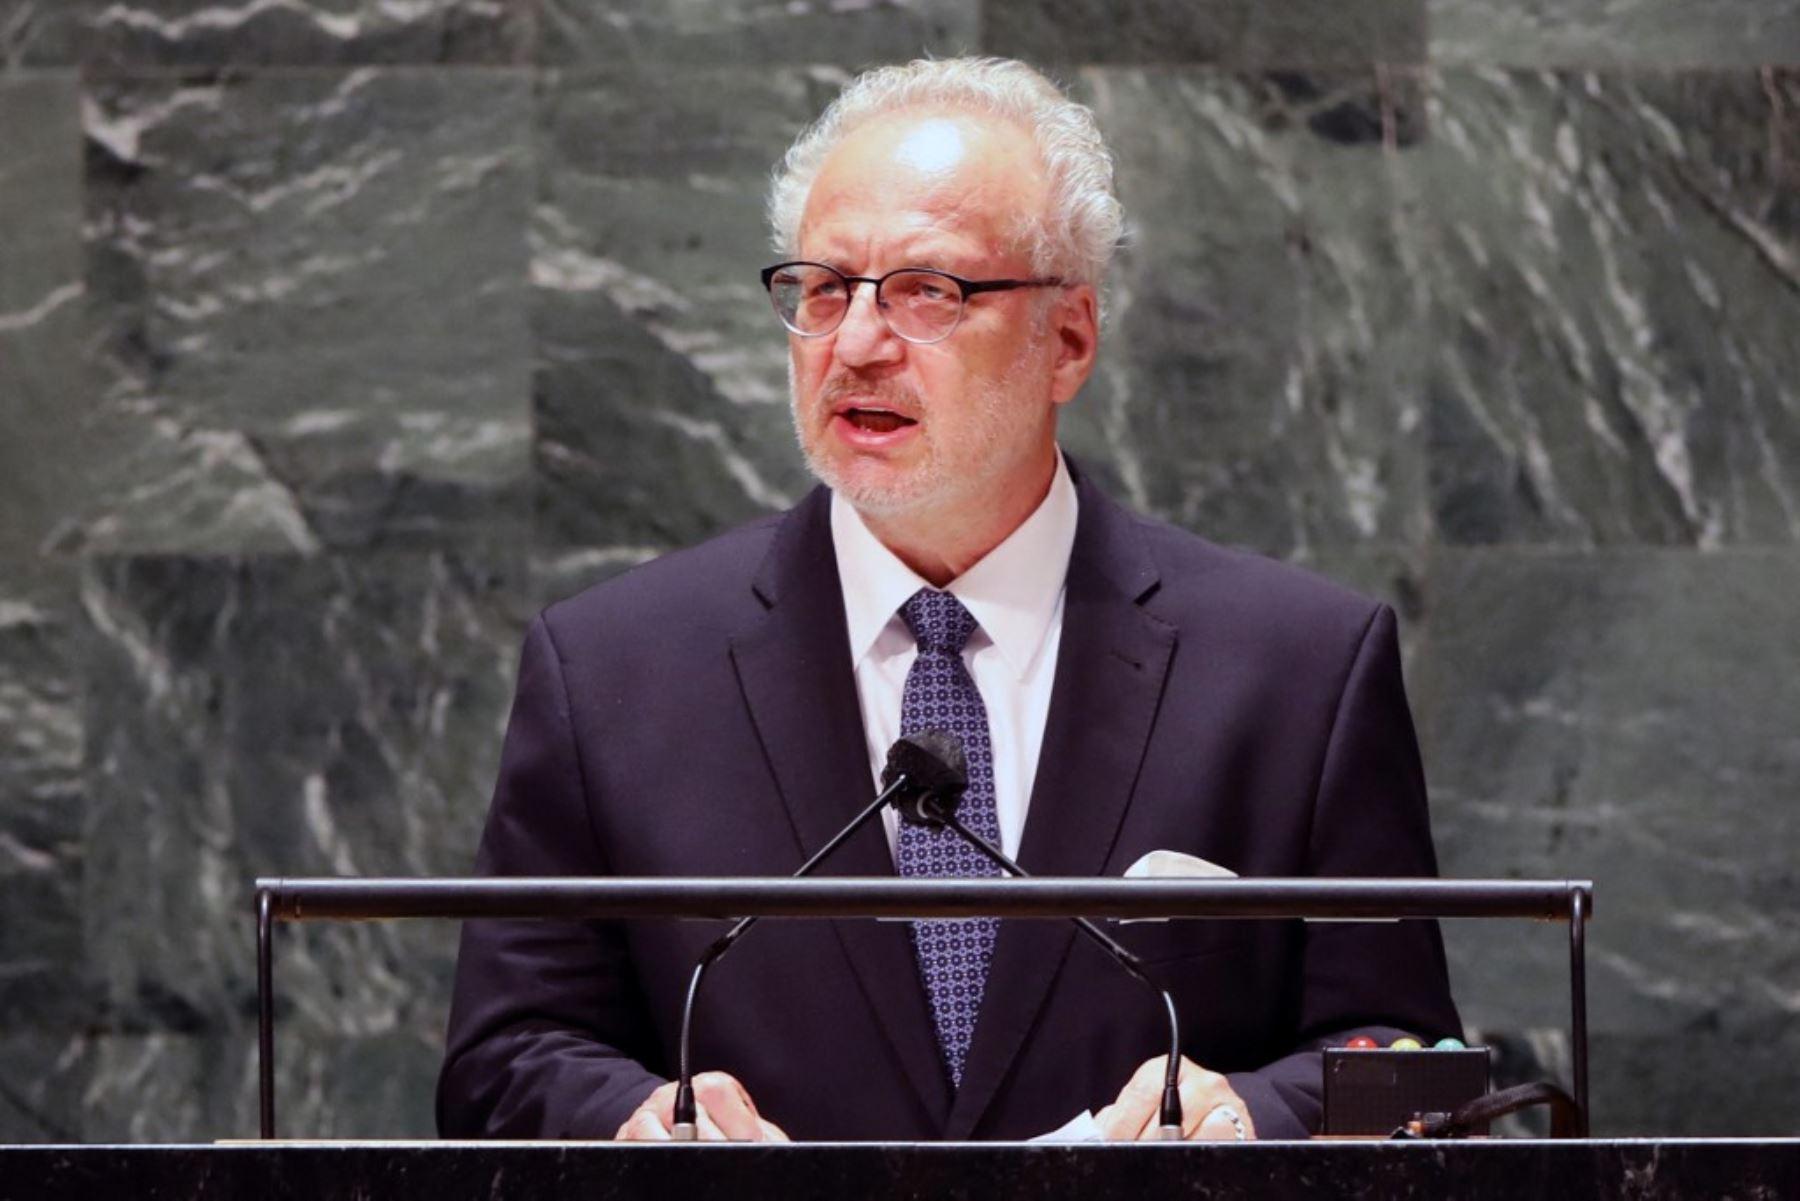 El presidente de Letonia, Egils Levits, habla durante el 76 ° período de sesiones de la Asamblea General de las Naciones Unidas (AGNU) en la sede de la ONU el 21 de septiembre de 2021 en Nueva York. Foto: AFP